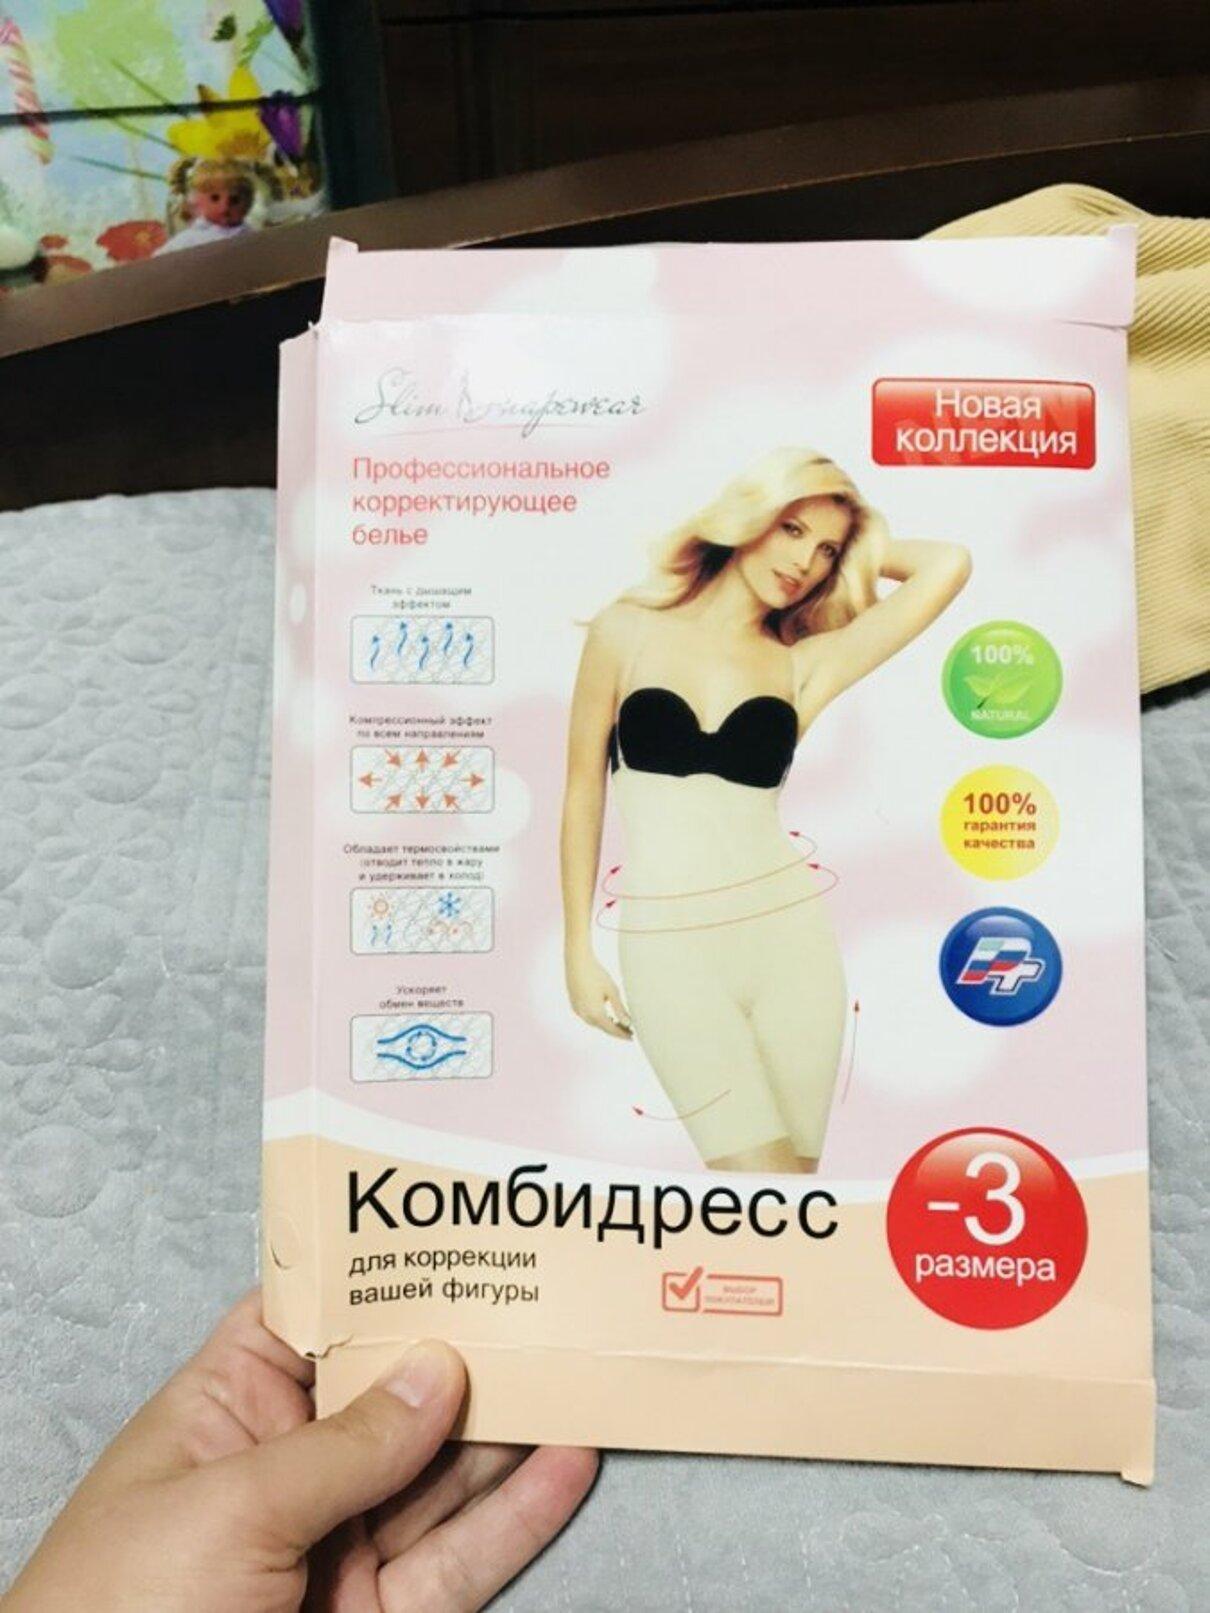 Жалоба-отзыв: Комбидрес slim shape wear - Не тот заказ.  Фото №2